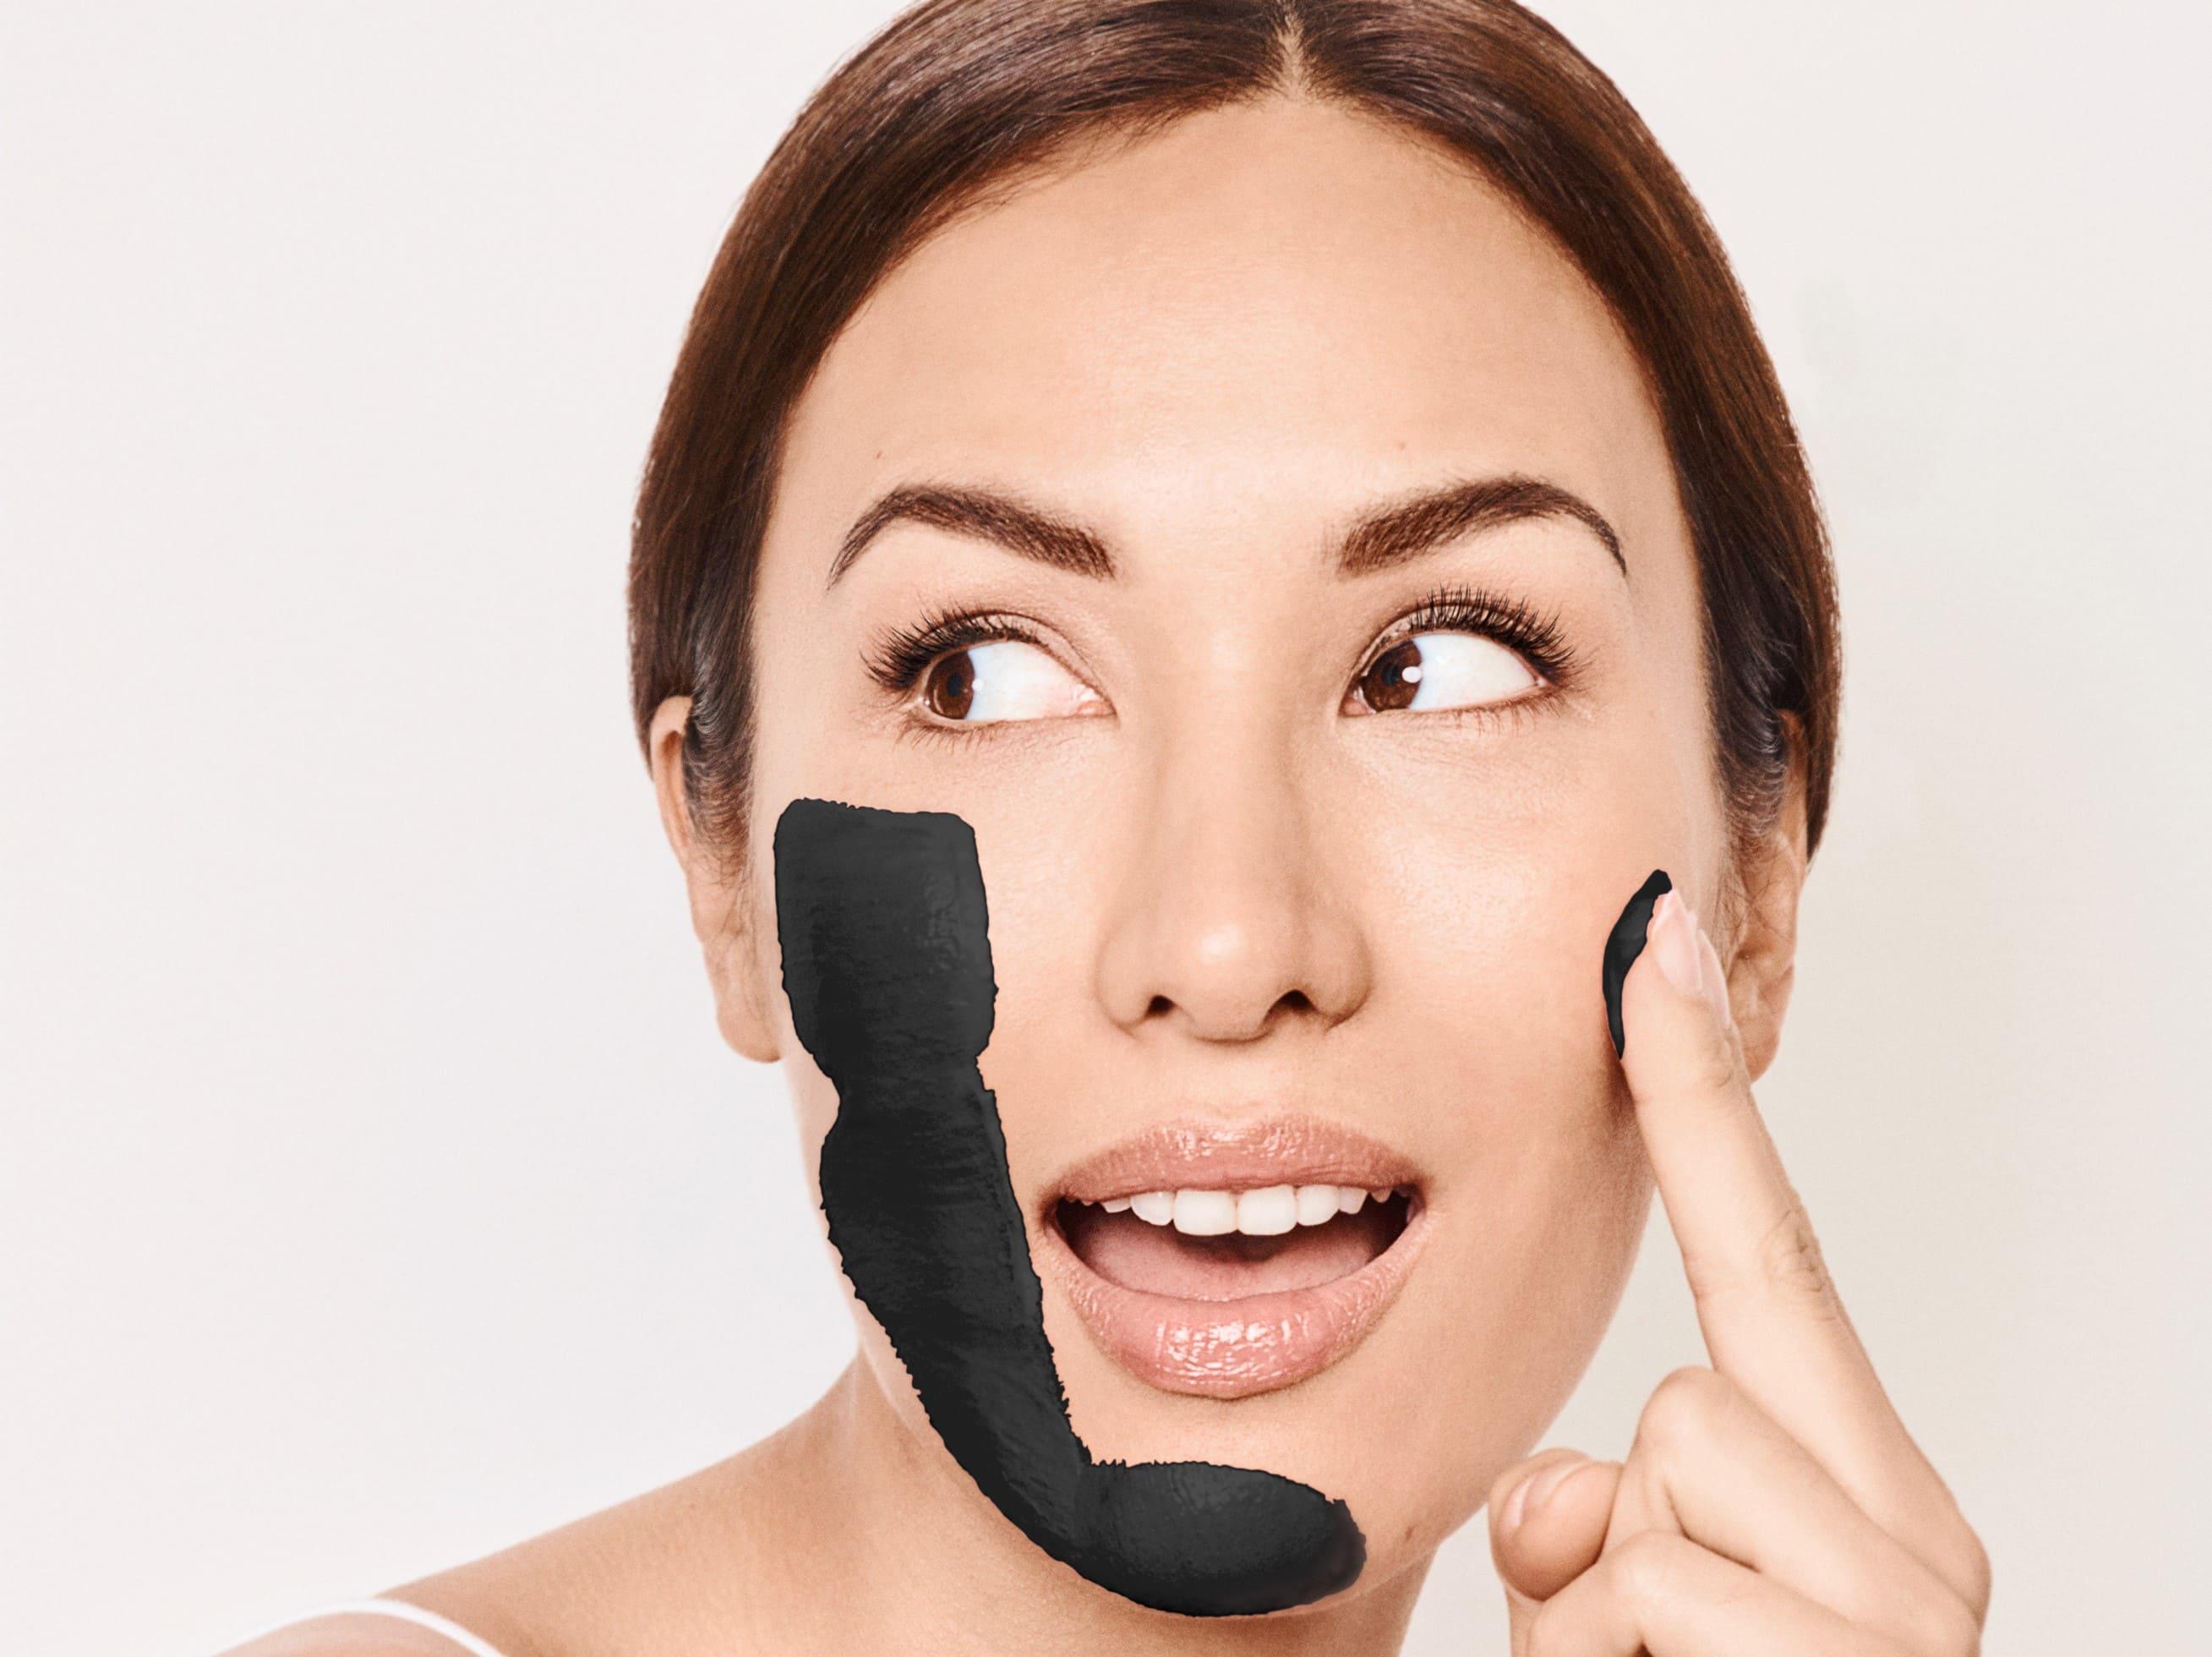 aktivkohle-maske-creme-strong-peel-off-gesichtspflege-pflege-gesichtsmaske-maske-reingiend-antibakteriell-zink-detox-komplex-verfeinert-regeneration-sanft